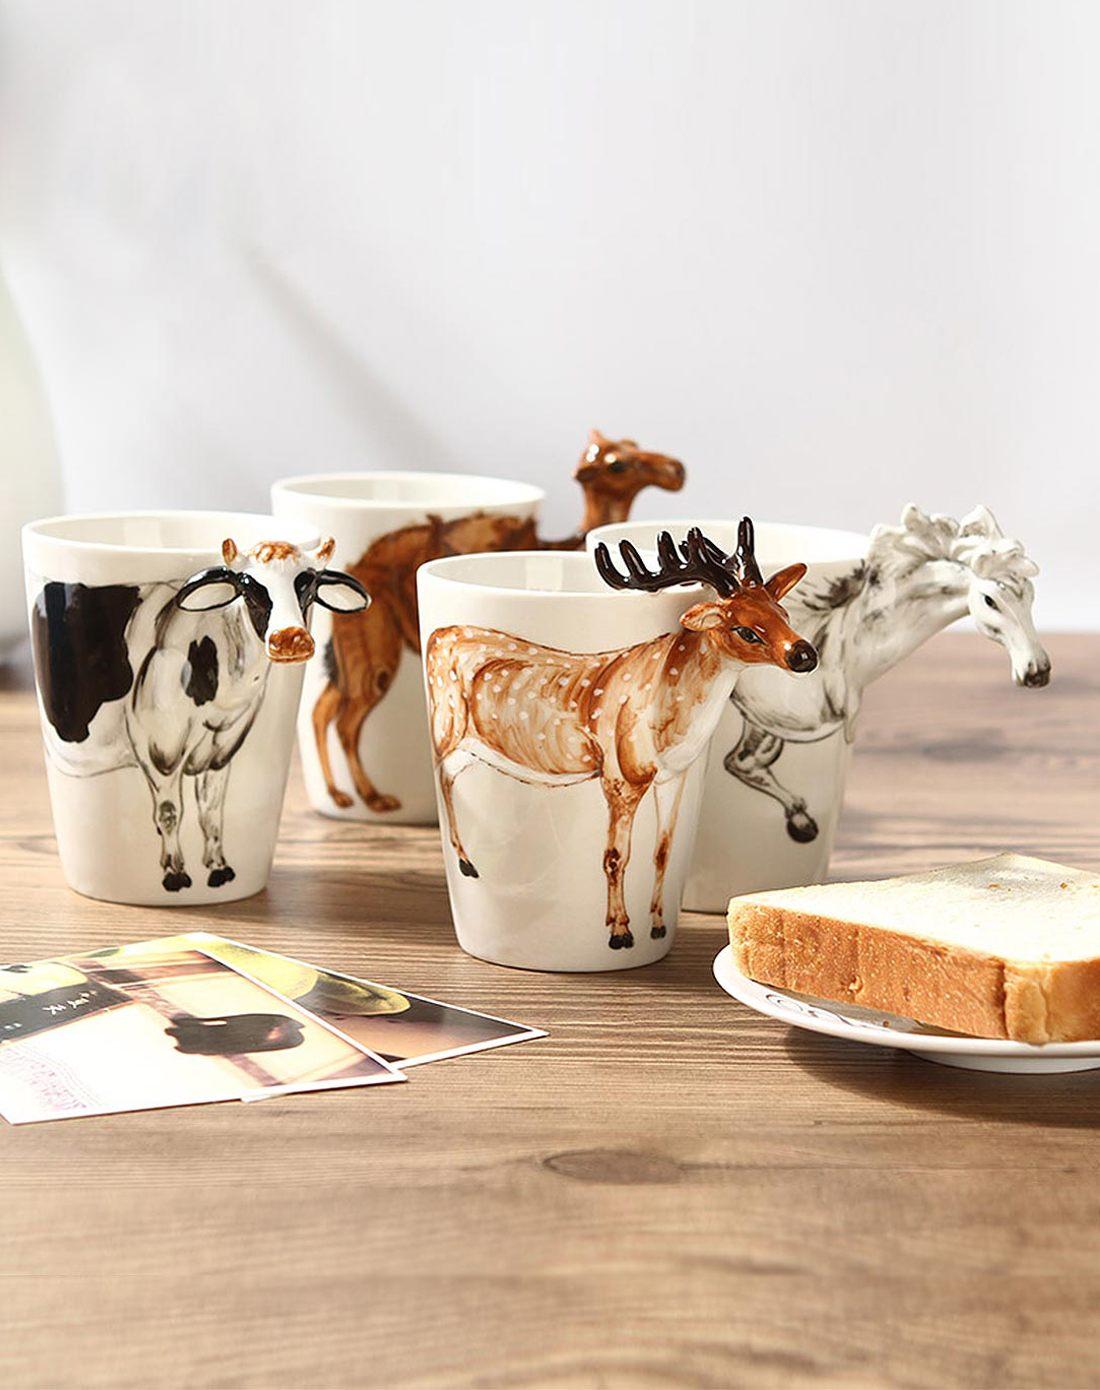 (奶牛款)3d立体纯手绘动物杯